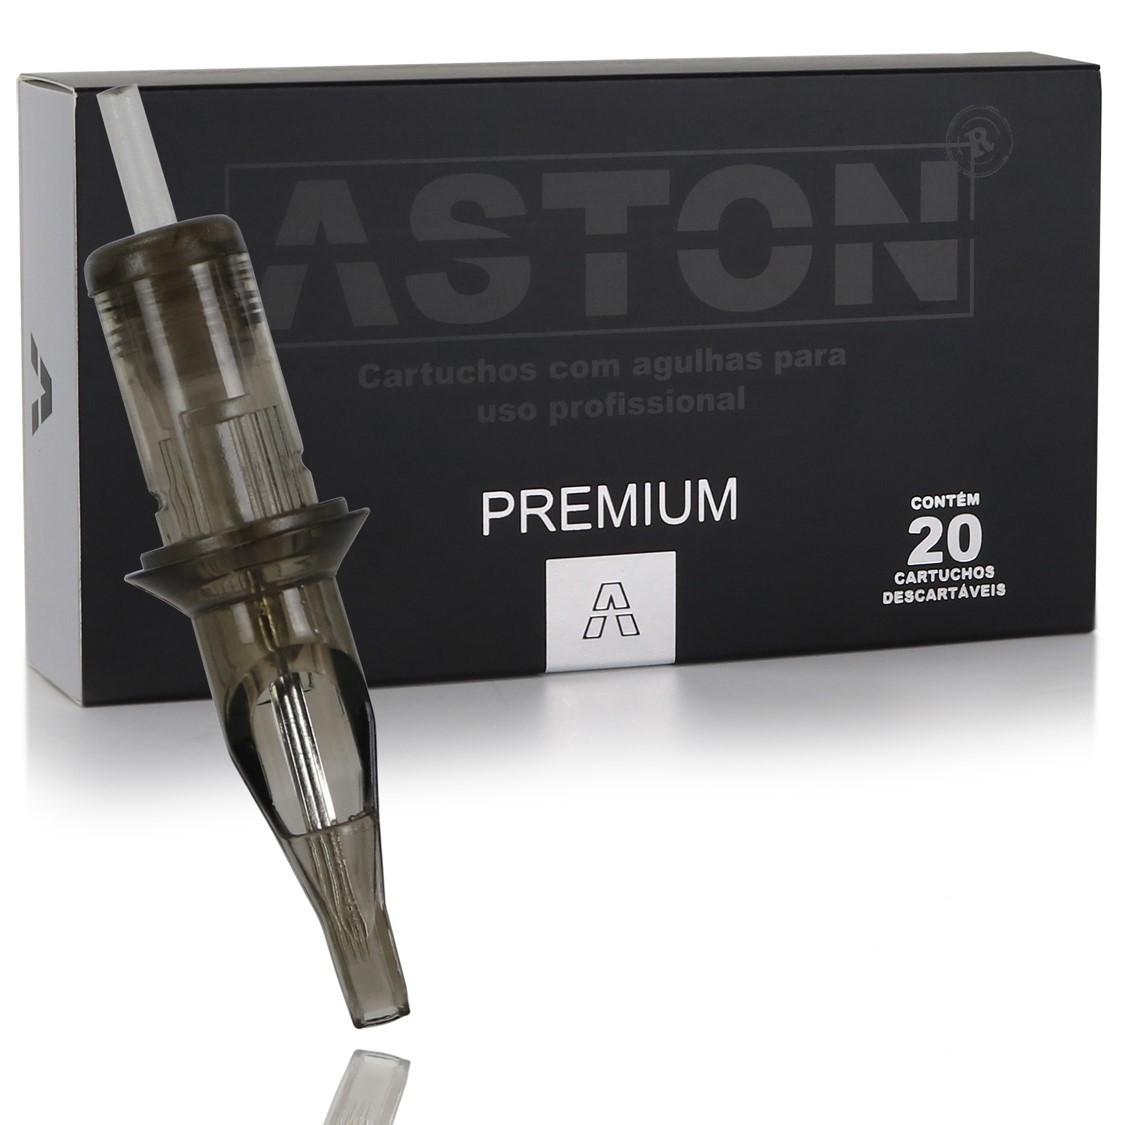 CAIXA CARTUCHO ASTON PREMIUM BUCHA RS (20 UN) - 1213RS